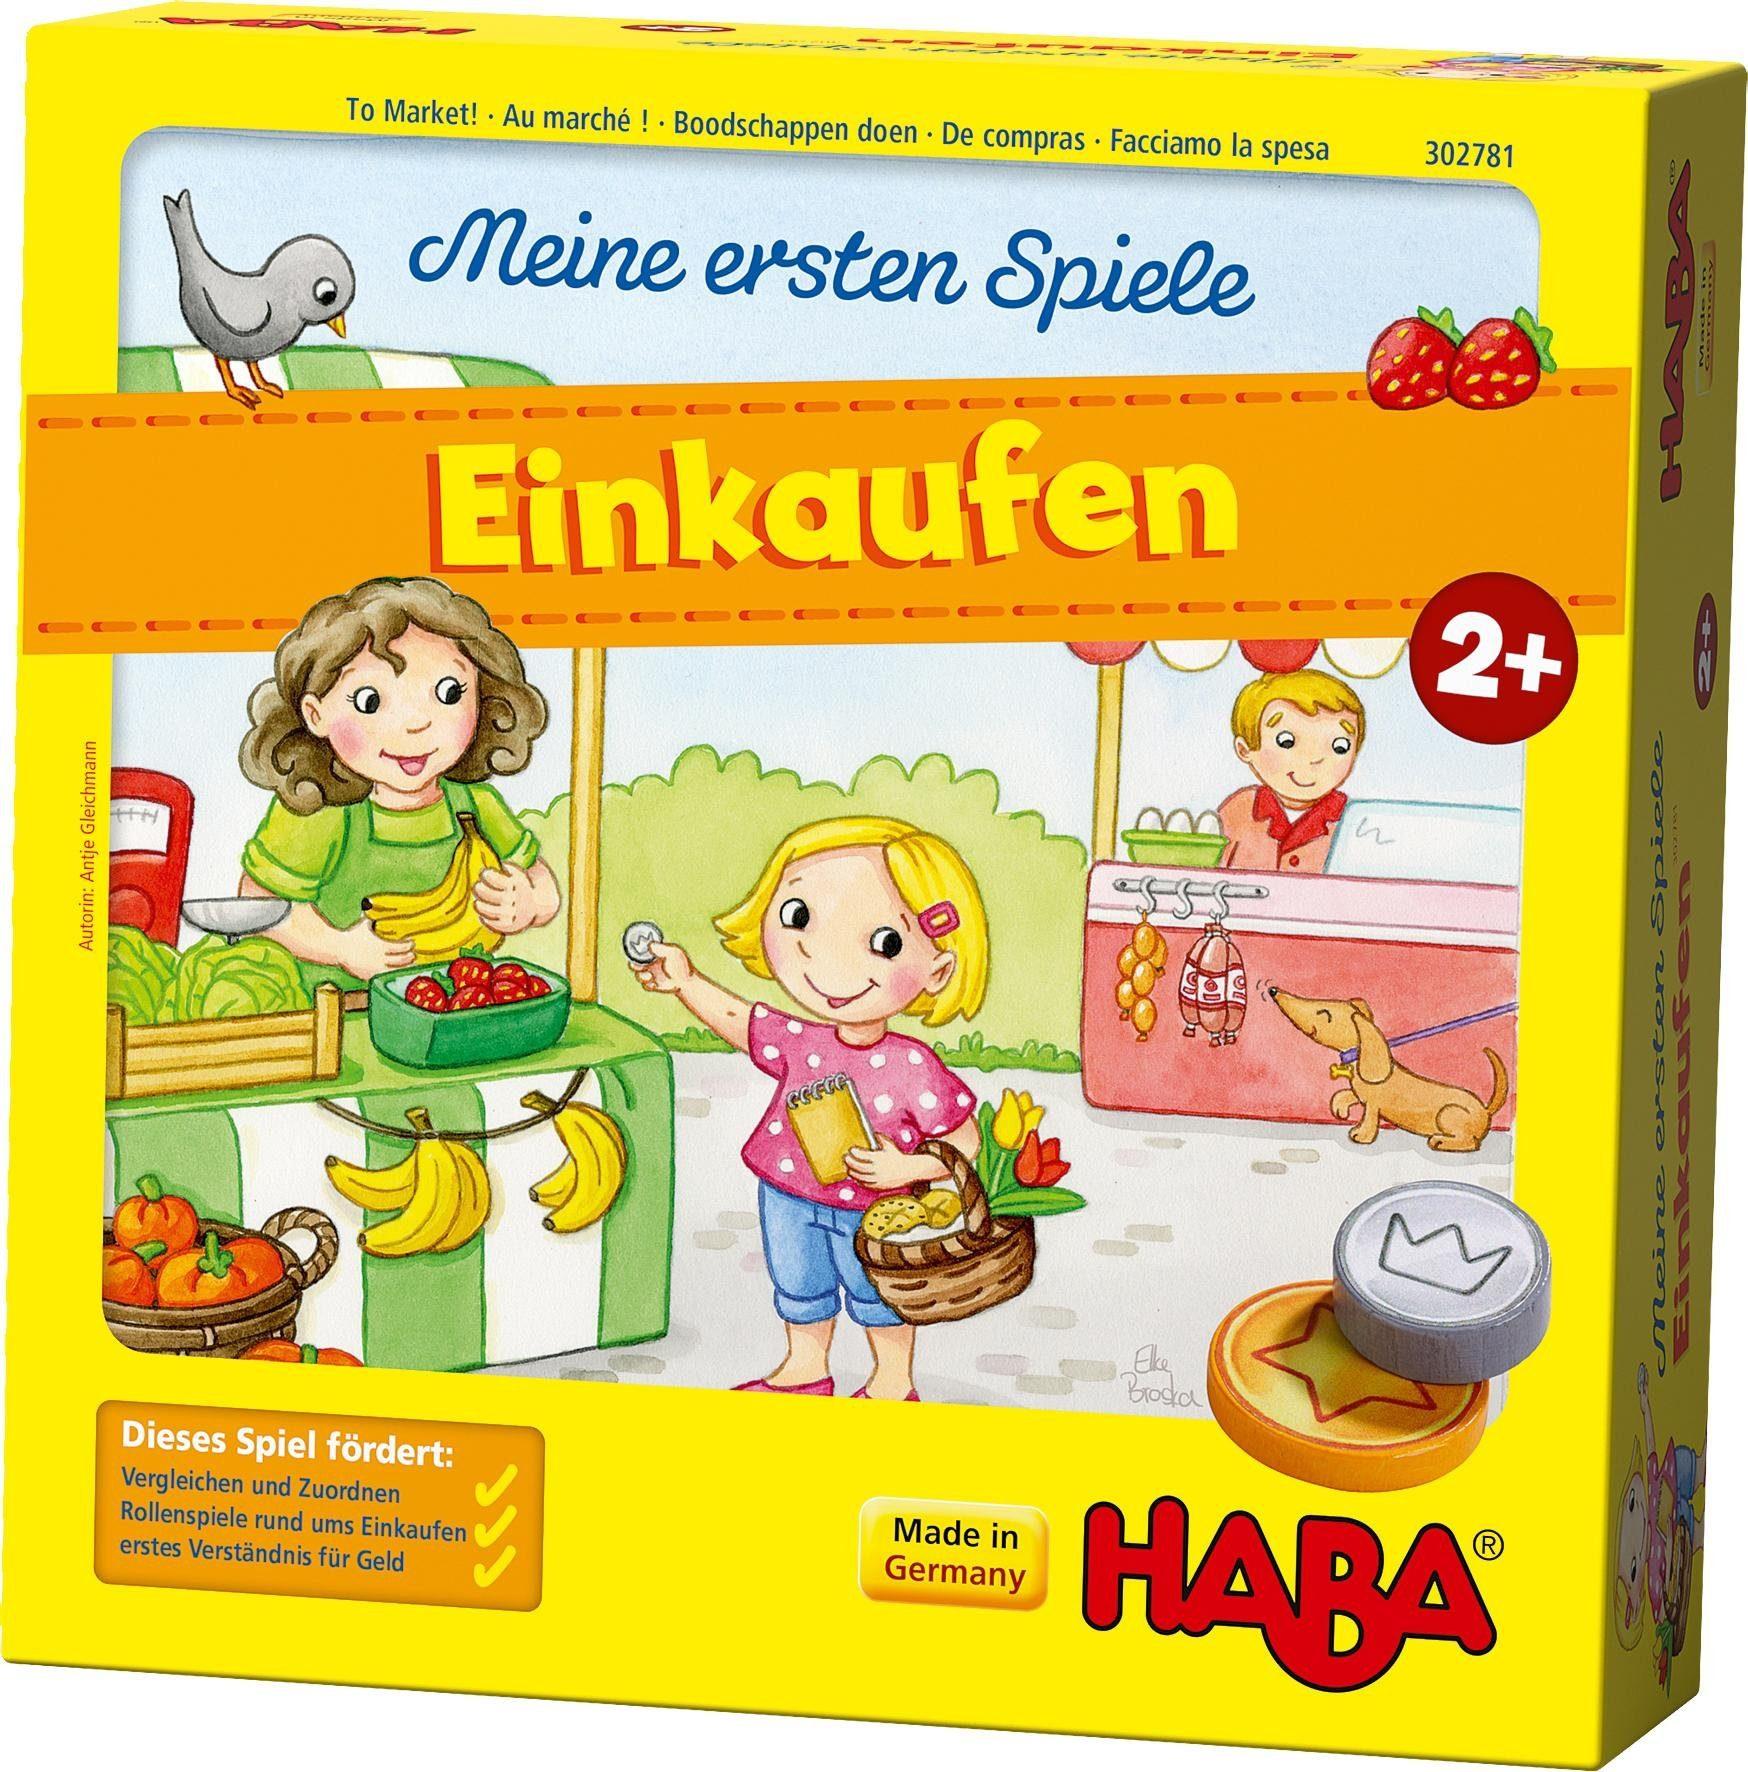 HABA® Kinderspiel, »Meine ersten Spiele - Einkaufen«